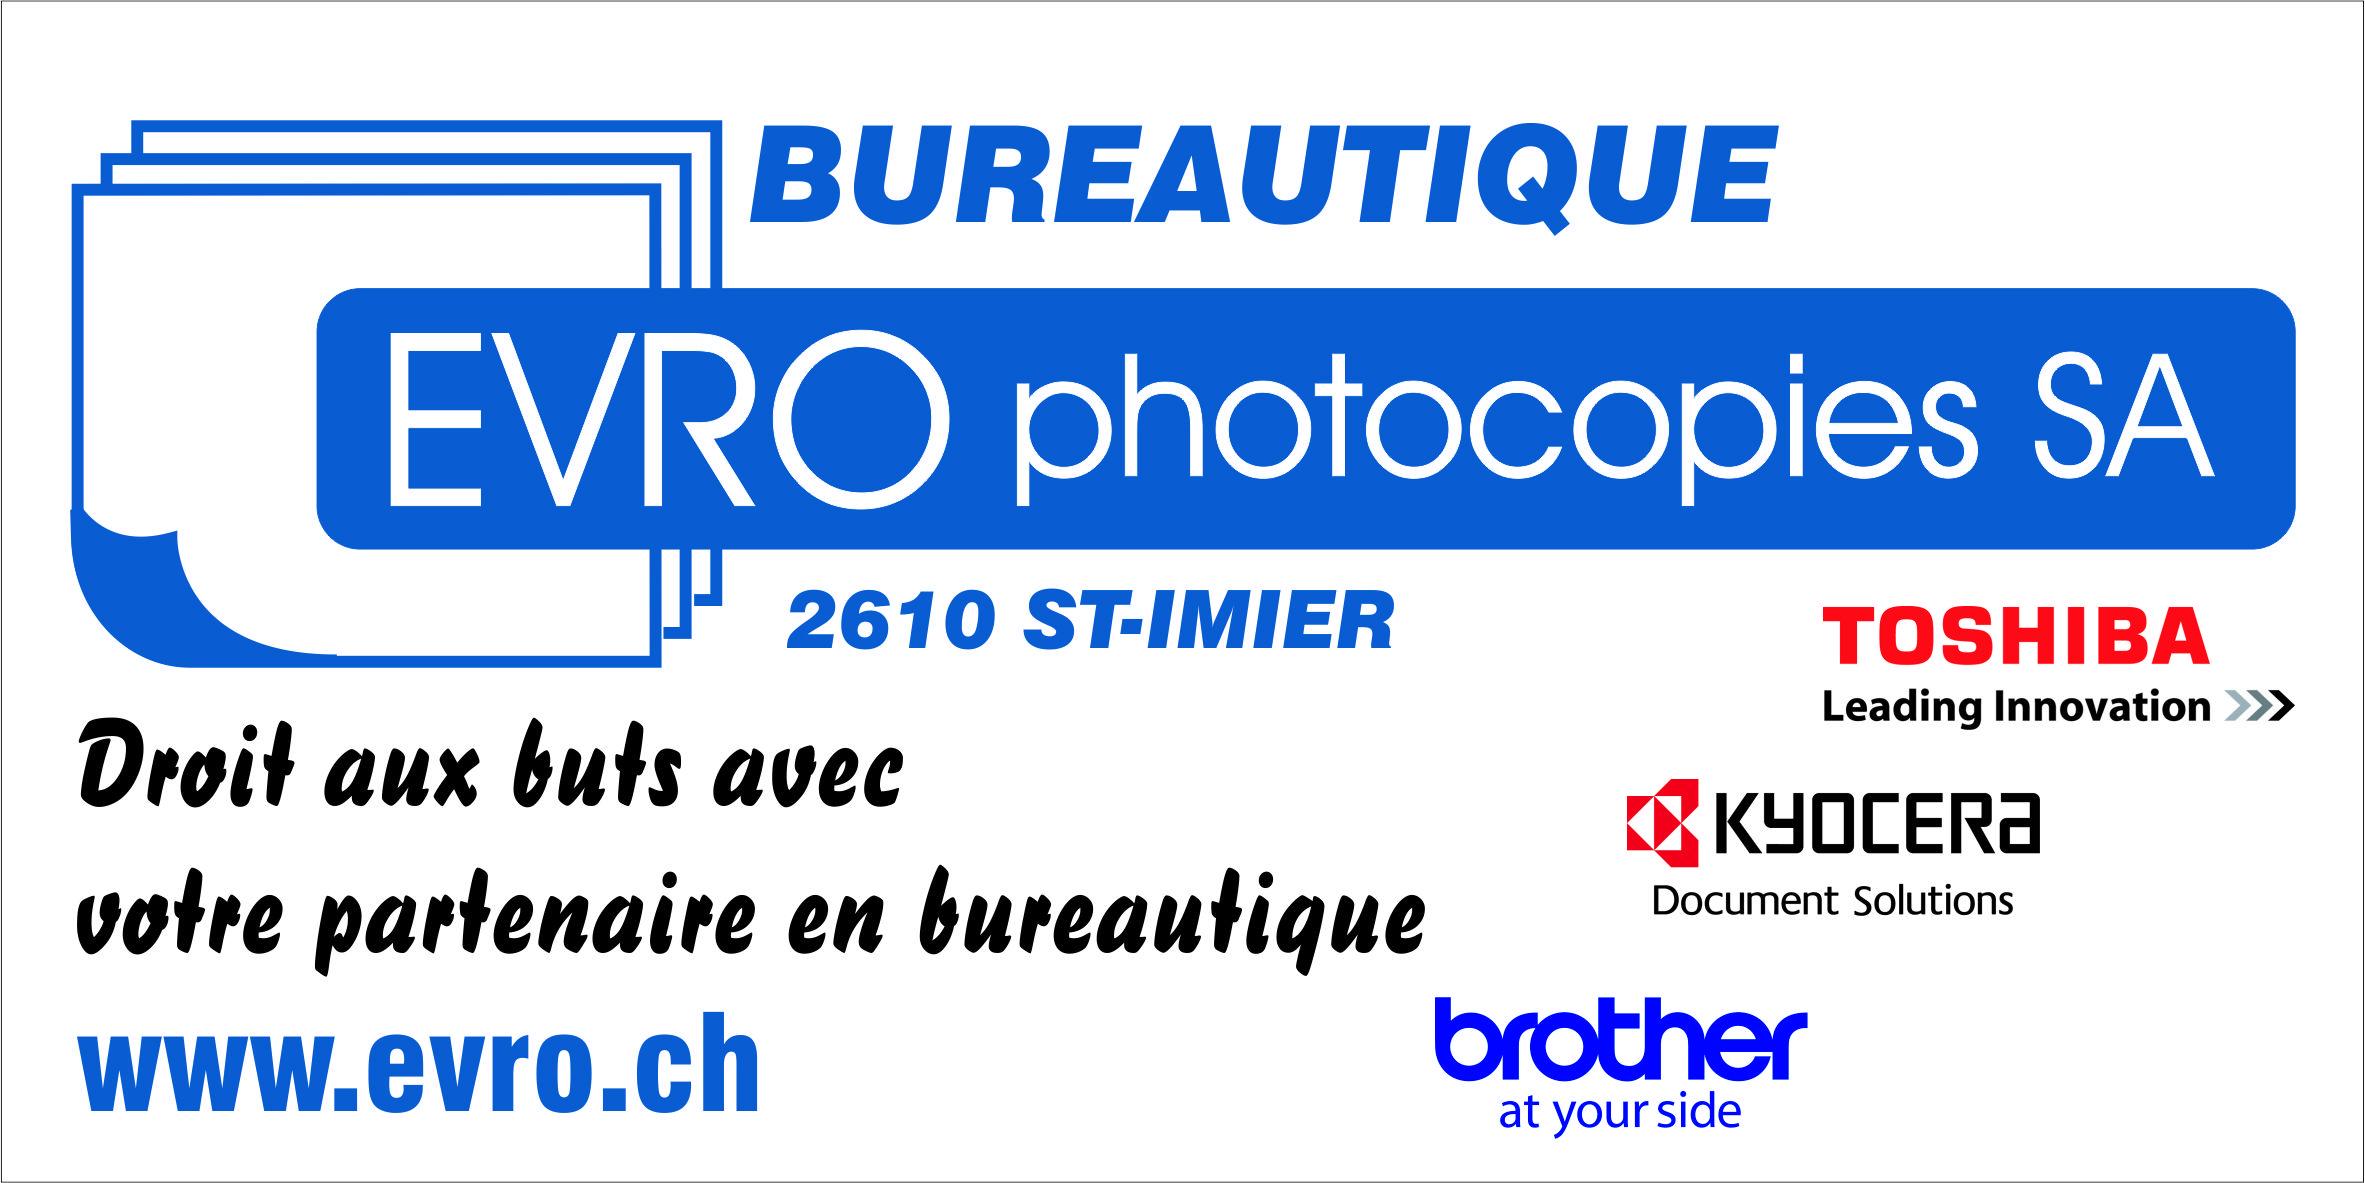 Evro photocopies SA